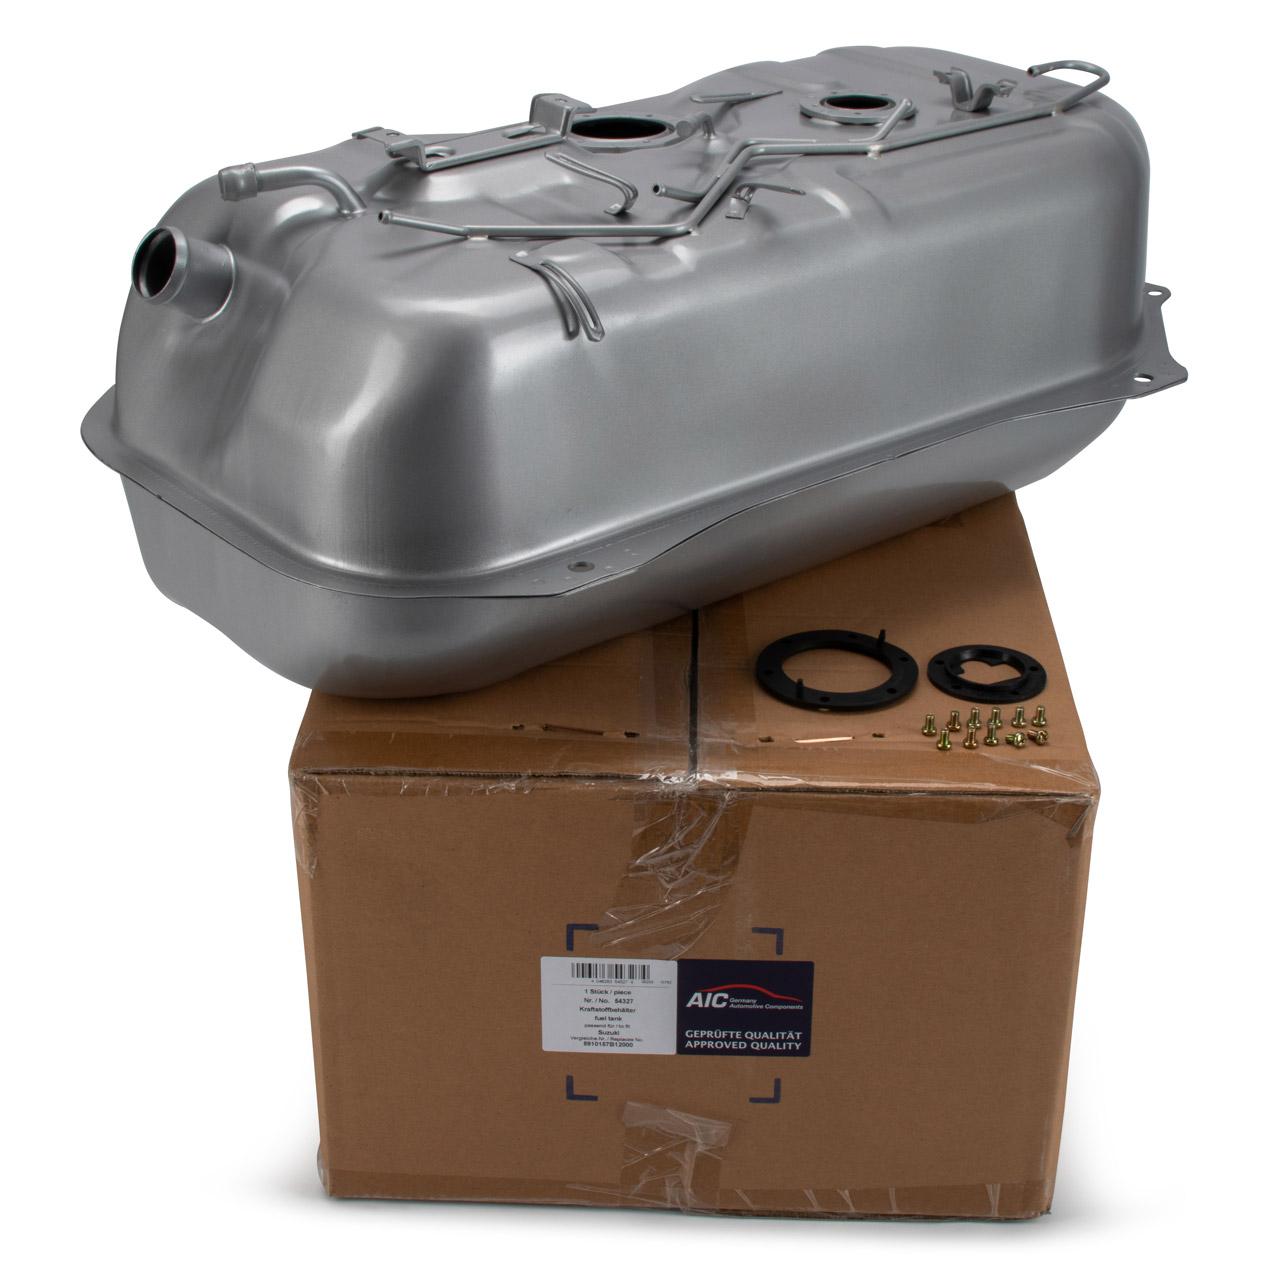 AIC Kraftstoffbehälter Tank für SUZUKI Vitara 1.6/1.6i 16V Allrad 8910157B12000